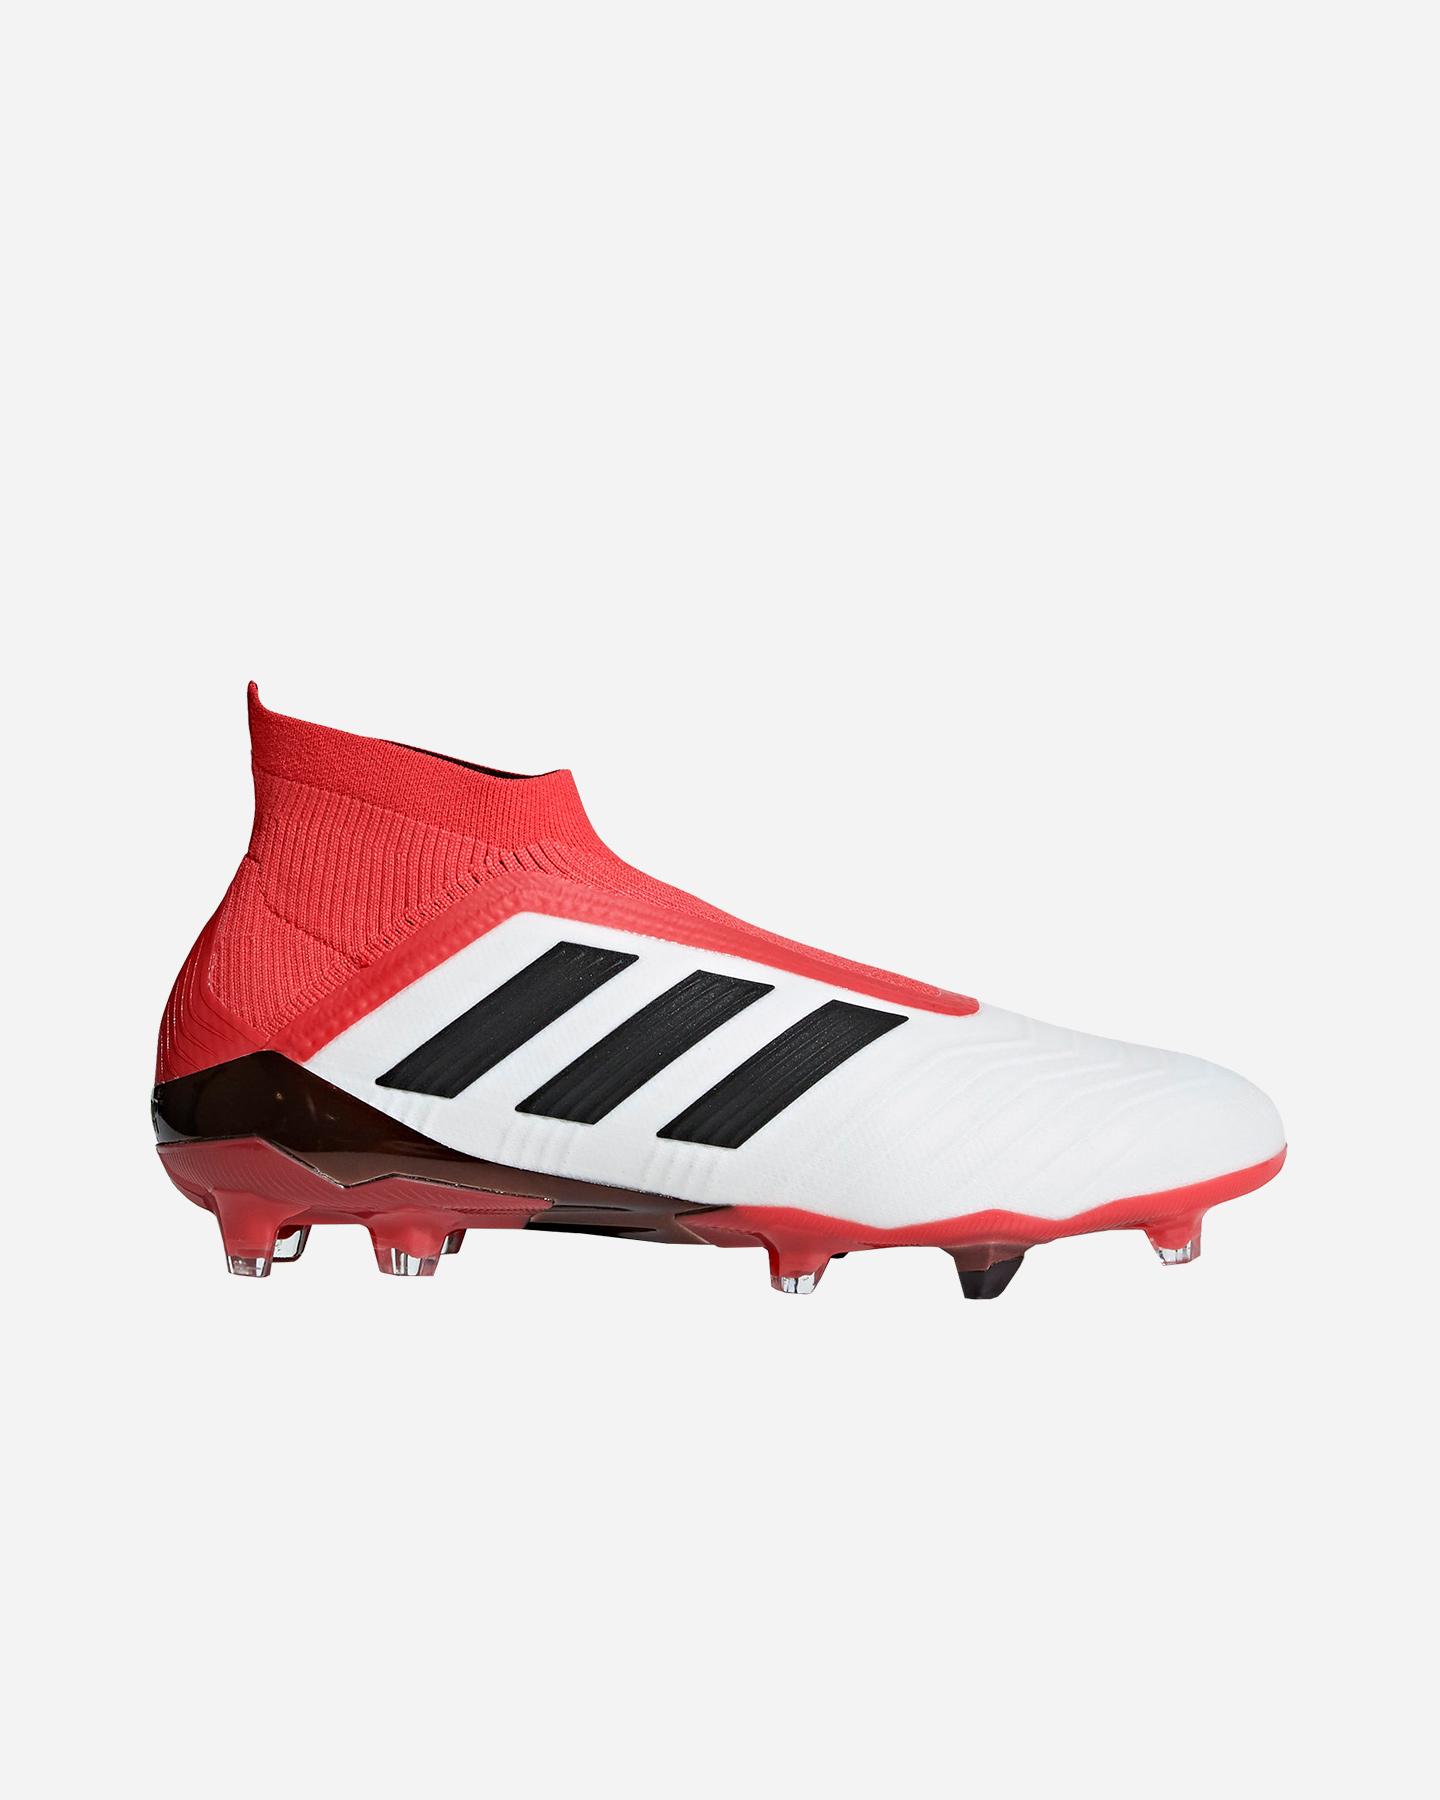 new style e59e4 d0a71 ... czech scarpe calcio adidas predator 18 fg m 22dbf 4af8d